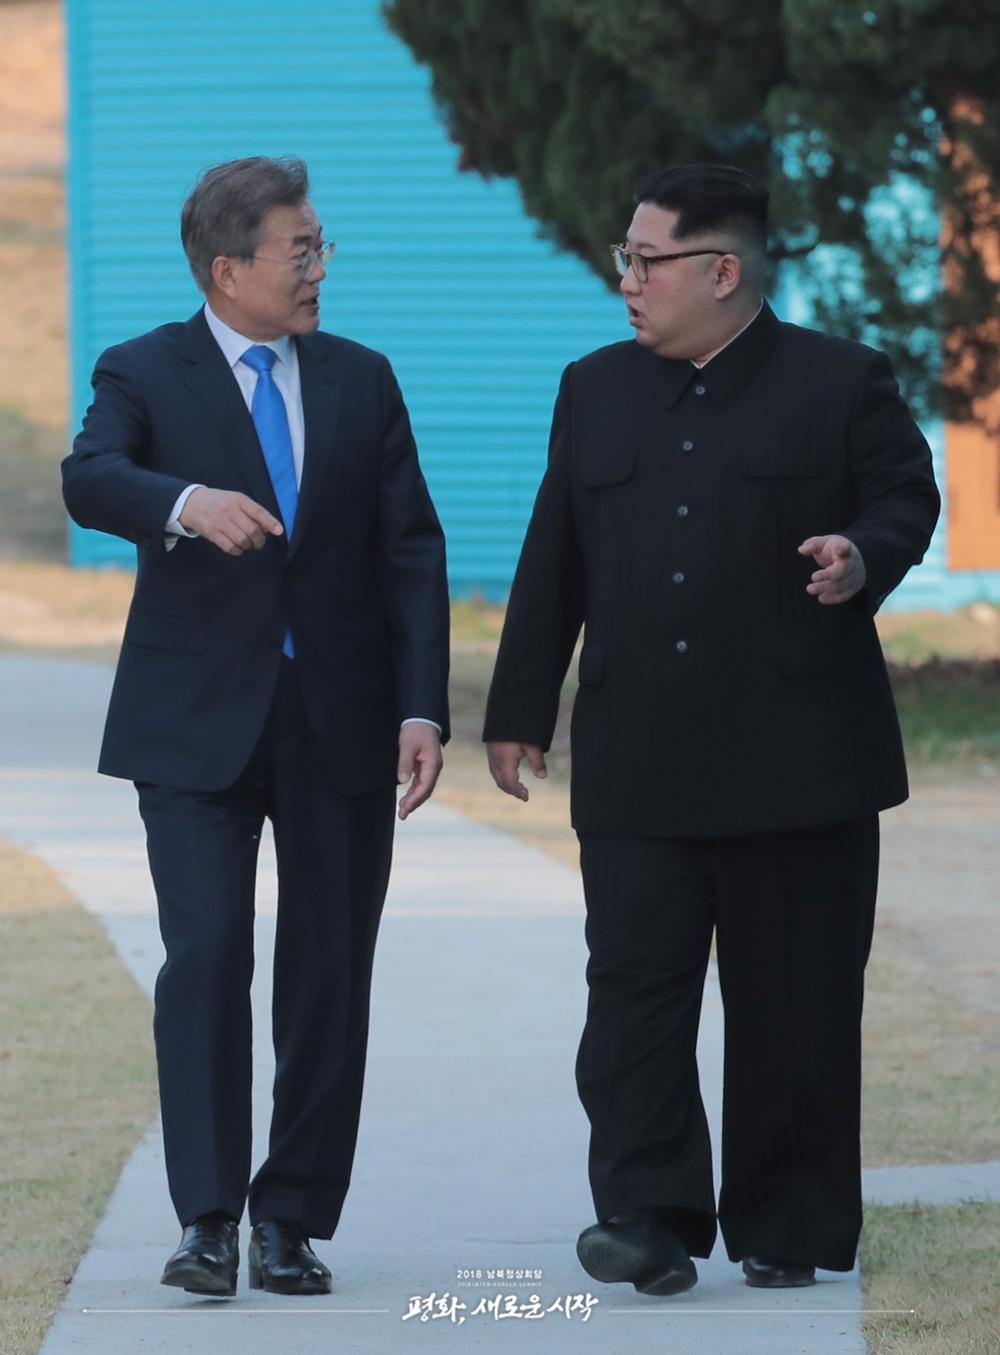 1524820713219 - Итоги межкорейского саммита 2018